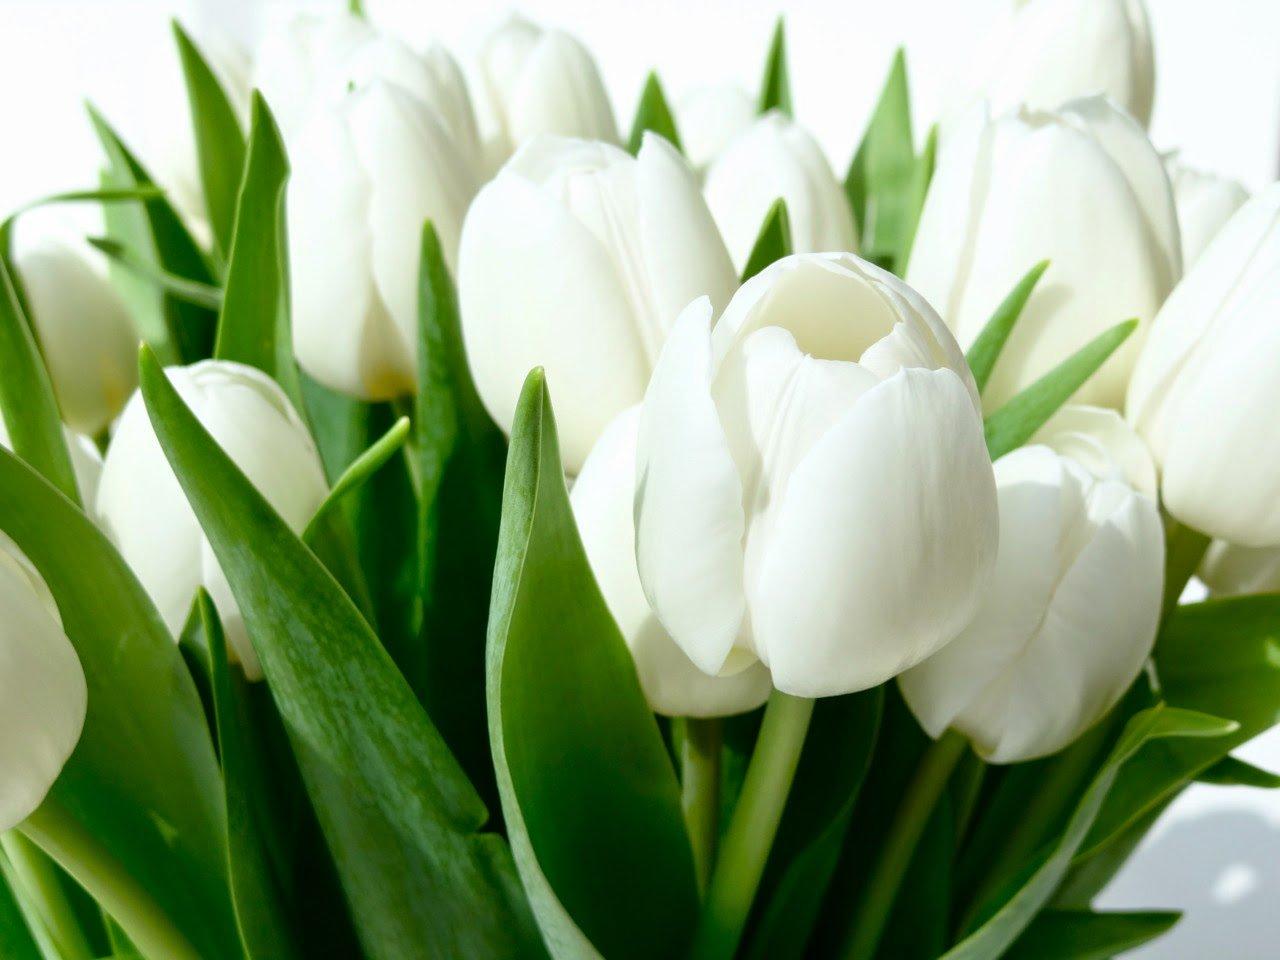 صورة ورد التوليب الابيض , اجمل الصور لزهور التوليب الابيض